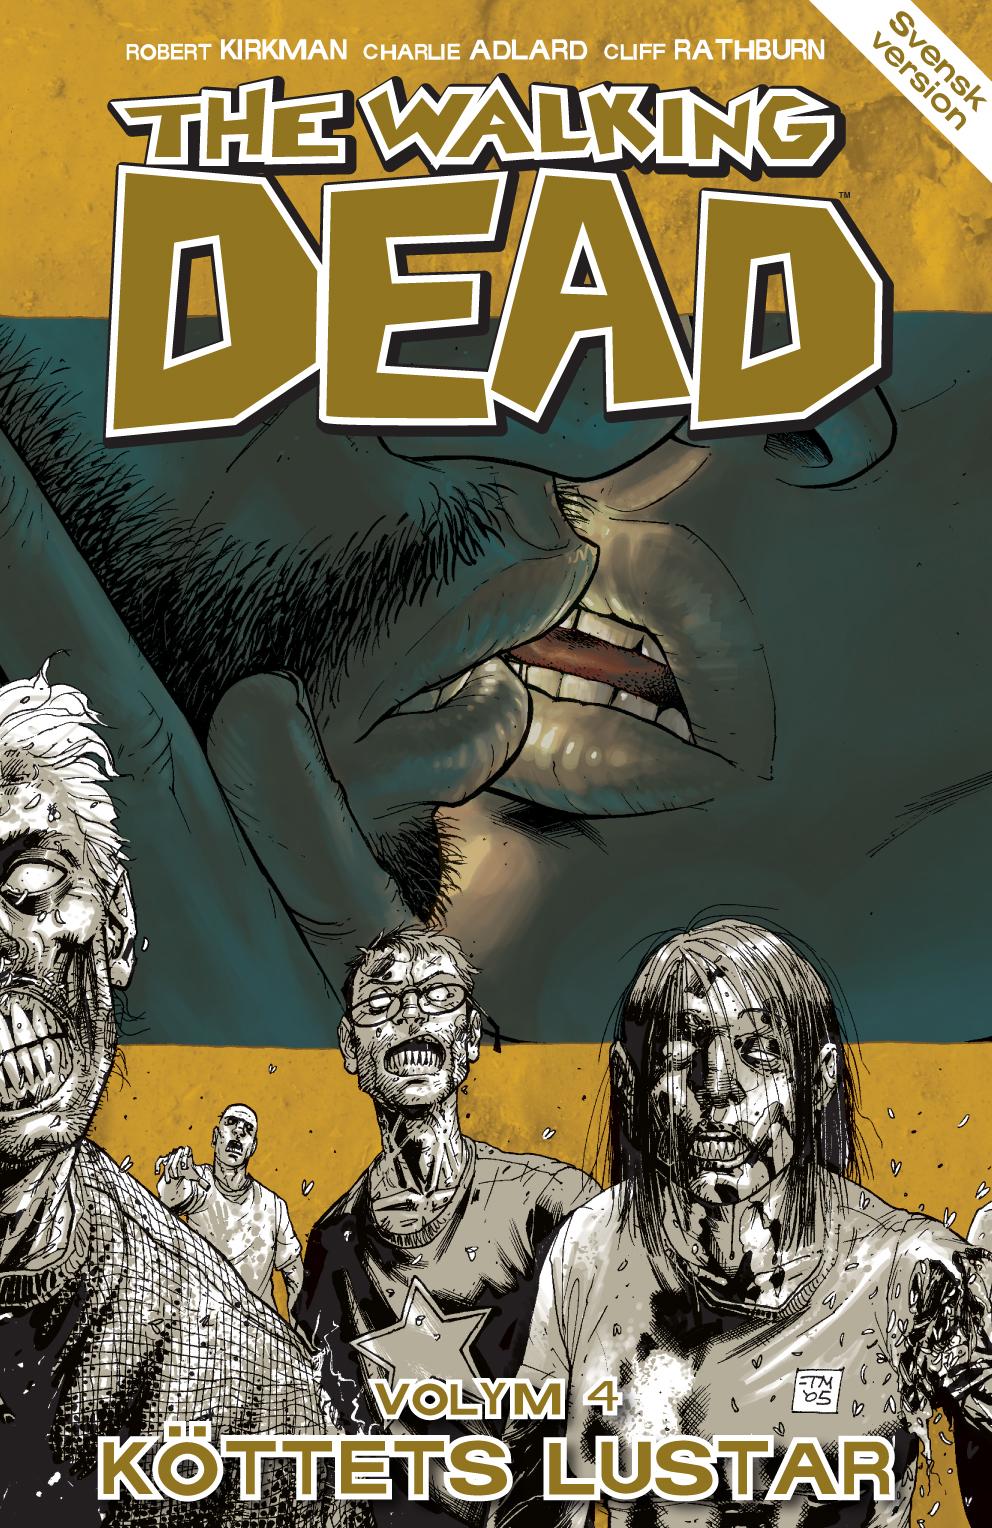 The Walking Dead volym 4. Köttets lustar av Robert Kirkman